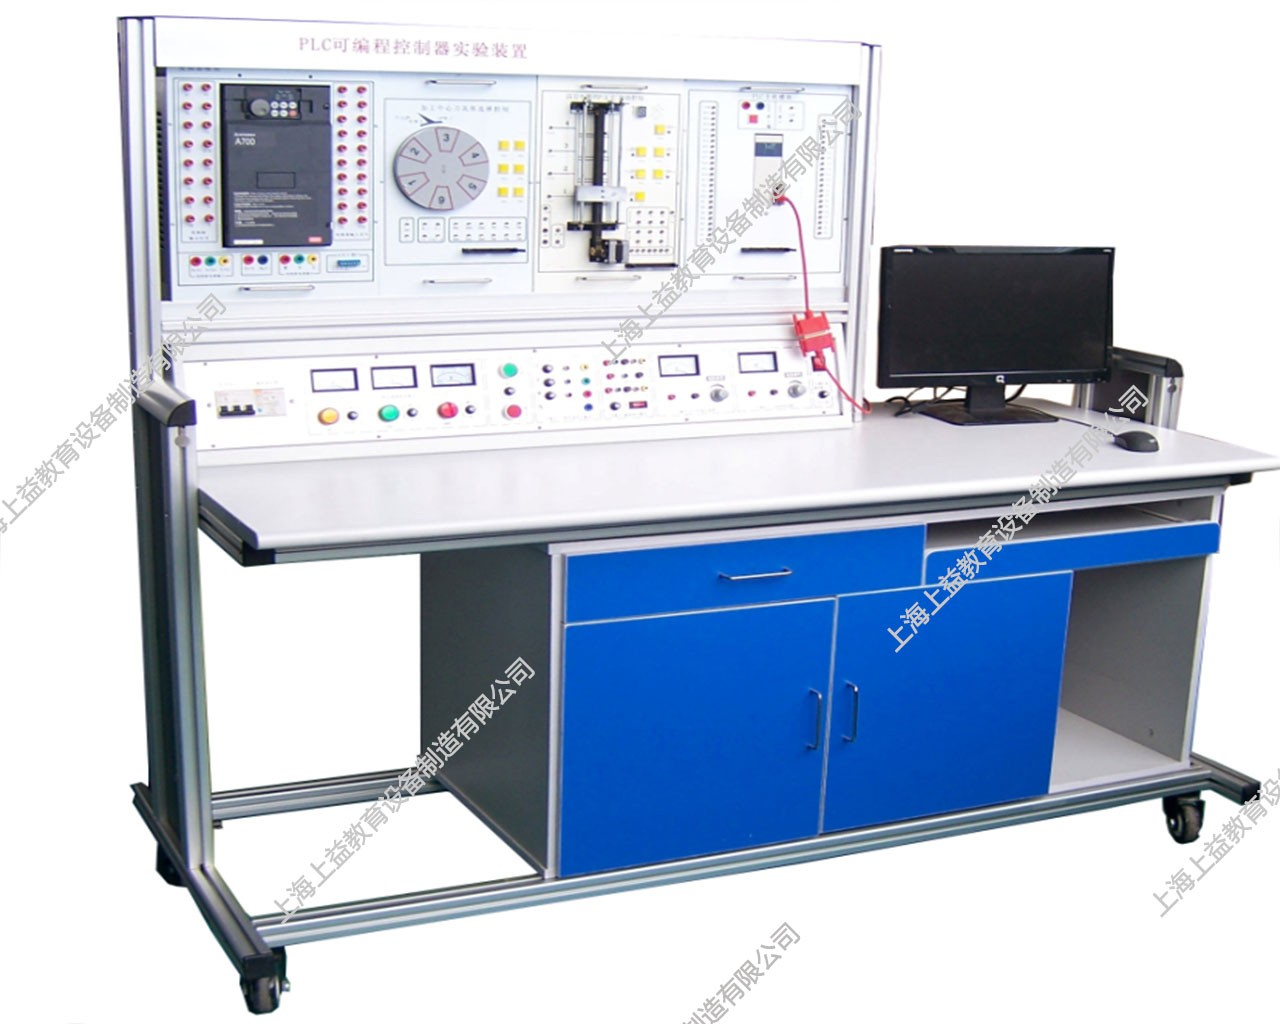 SYPLC-01A PLC可编程控制器实验装置(立式、挂箱积木式)